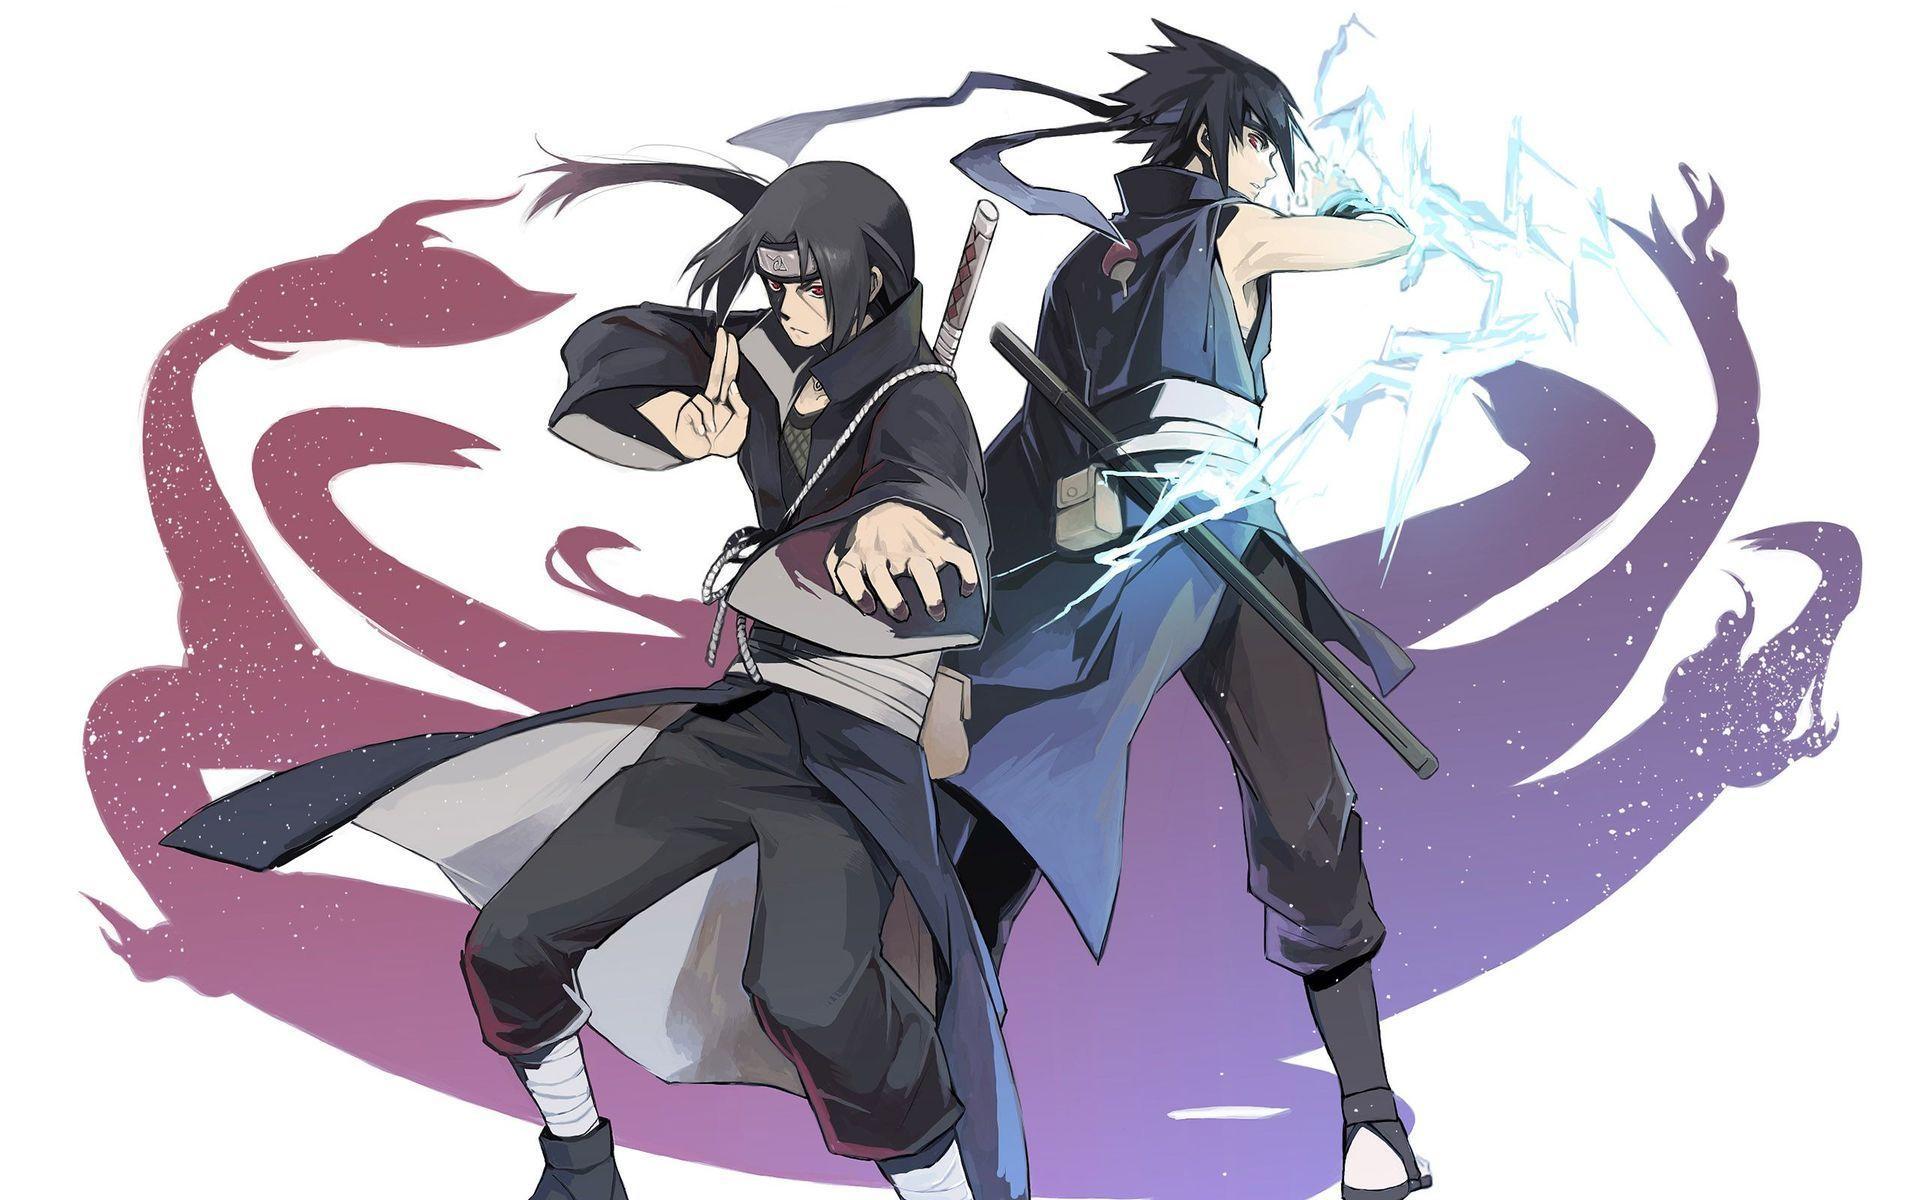 1517x948 Wallpaper Susanoo Naruto Itachi Uchiha